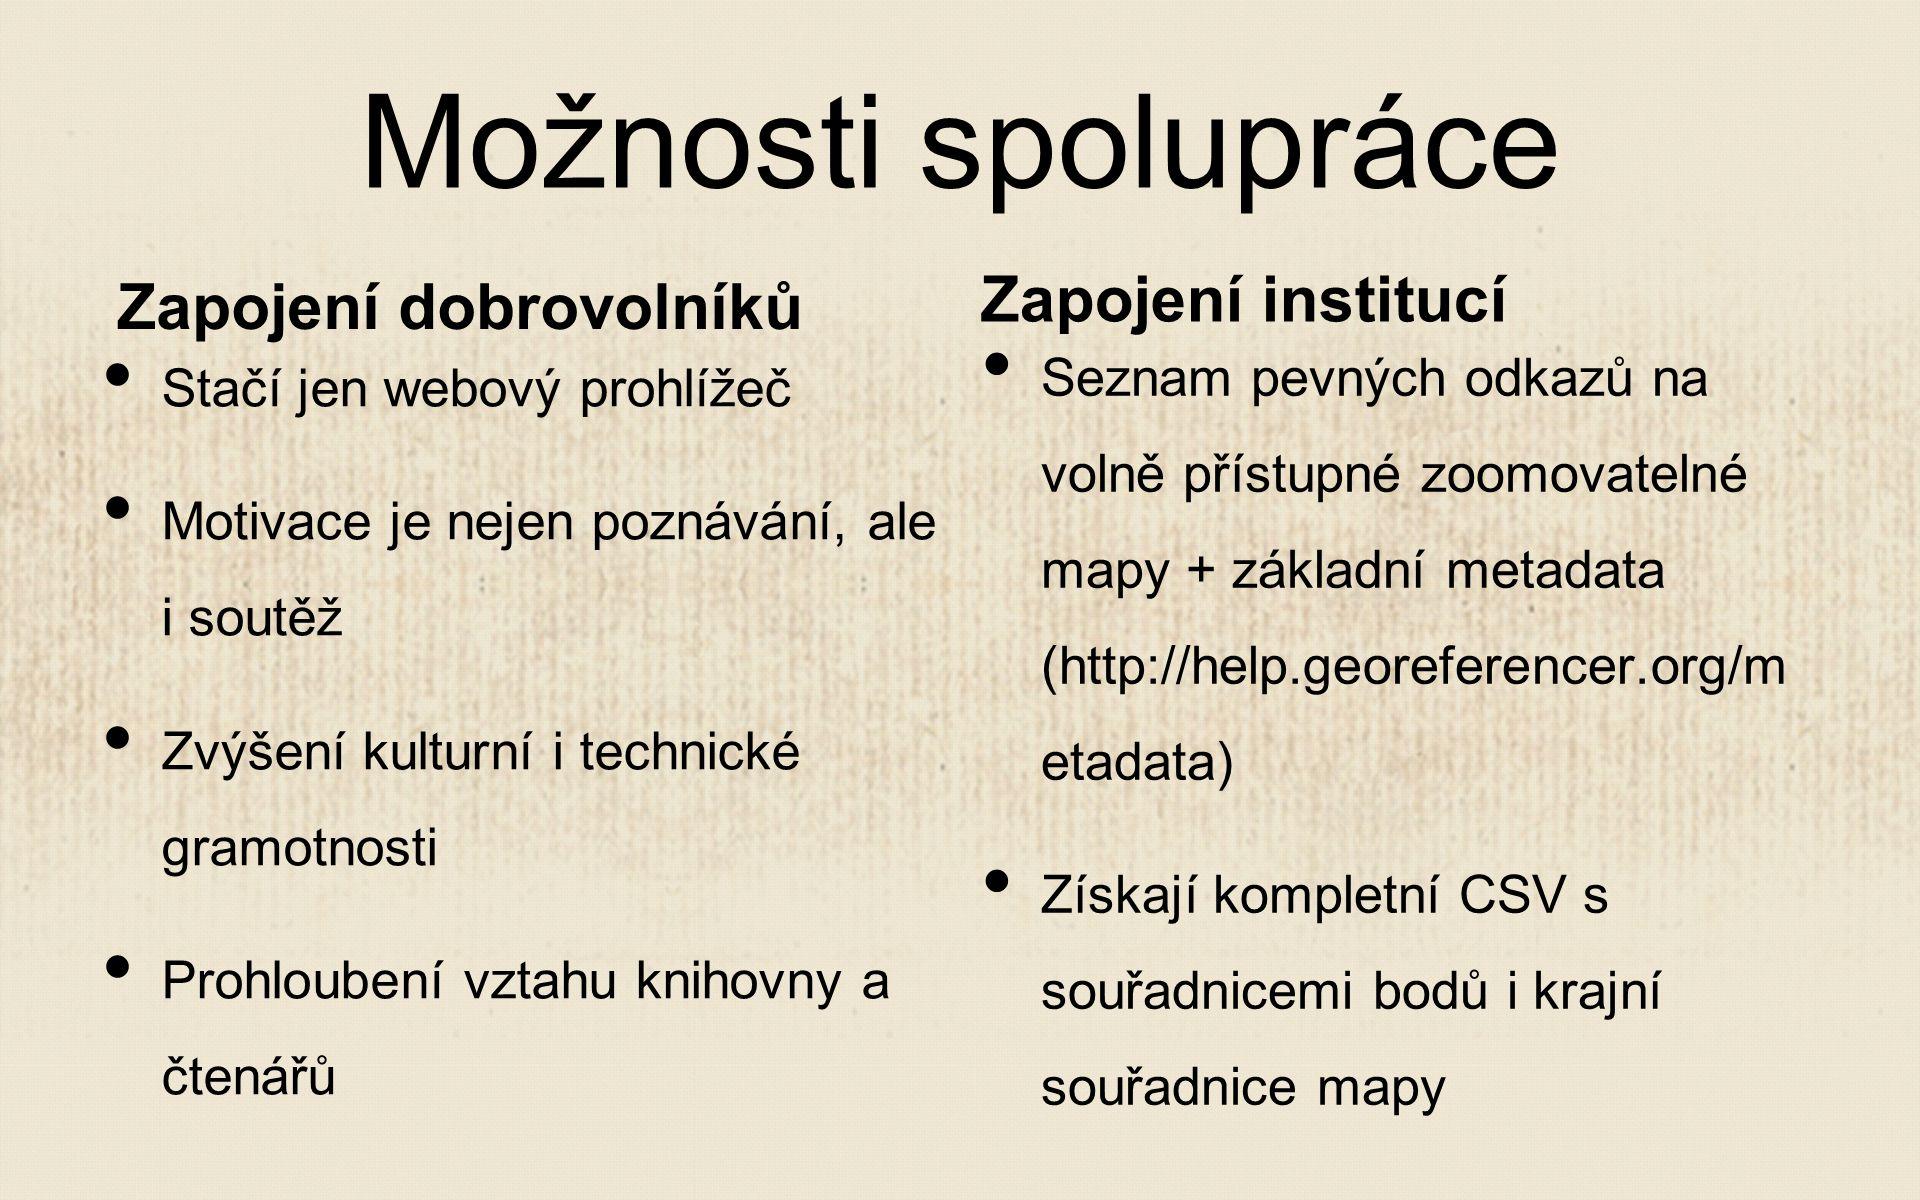 Možnosti spolupráce Zapojení dobrovolníků Stačí jen webový prohlížeč Motivace je nejen poznávání, ale i soutěž Zvýšení kulturní i technické gramotnosti Prohloubení vztahu knihovny a čtenářů Zapojení institucí Seznam pevných odkazů na volně přístupné zoomovatelné mapy + základní metadata (http://help.georeferencer.org/m etadata) Získají kompletní CSV s souřadnicemi bodů i krajní souřadnice mapy